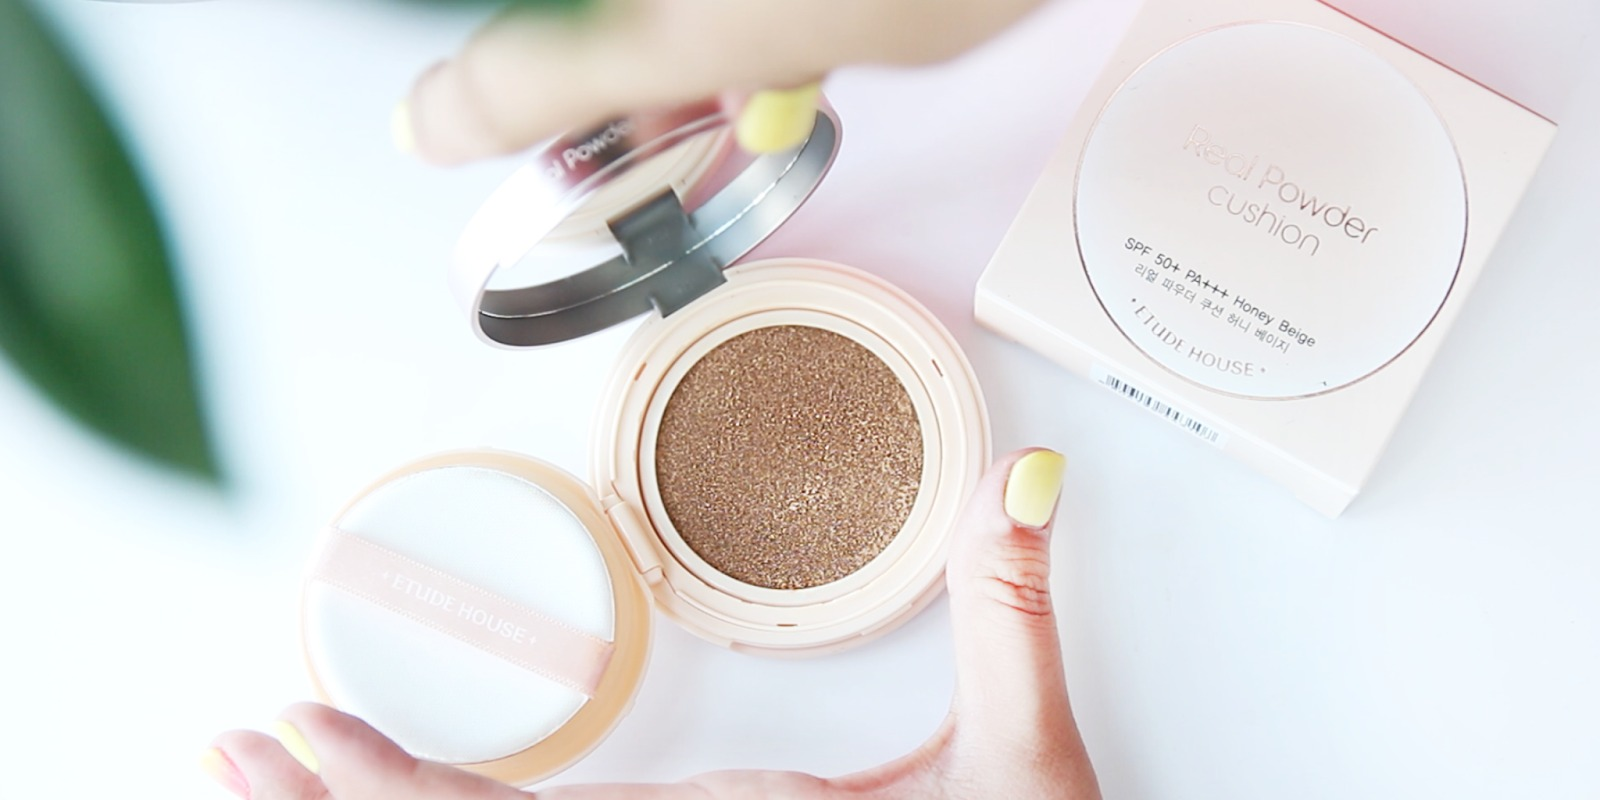 Смотреть Как правильно использовать кушон в макияже видео